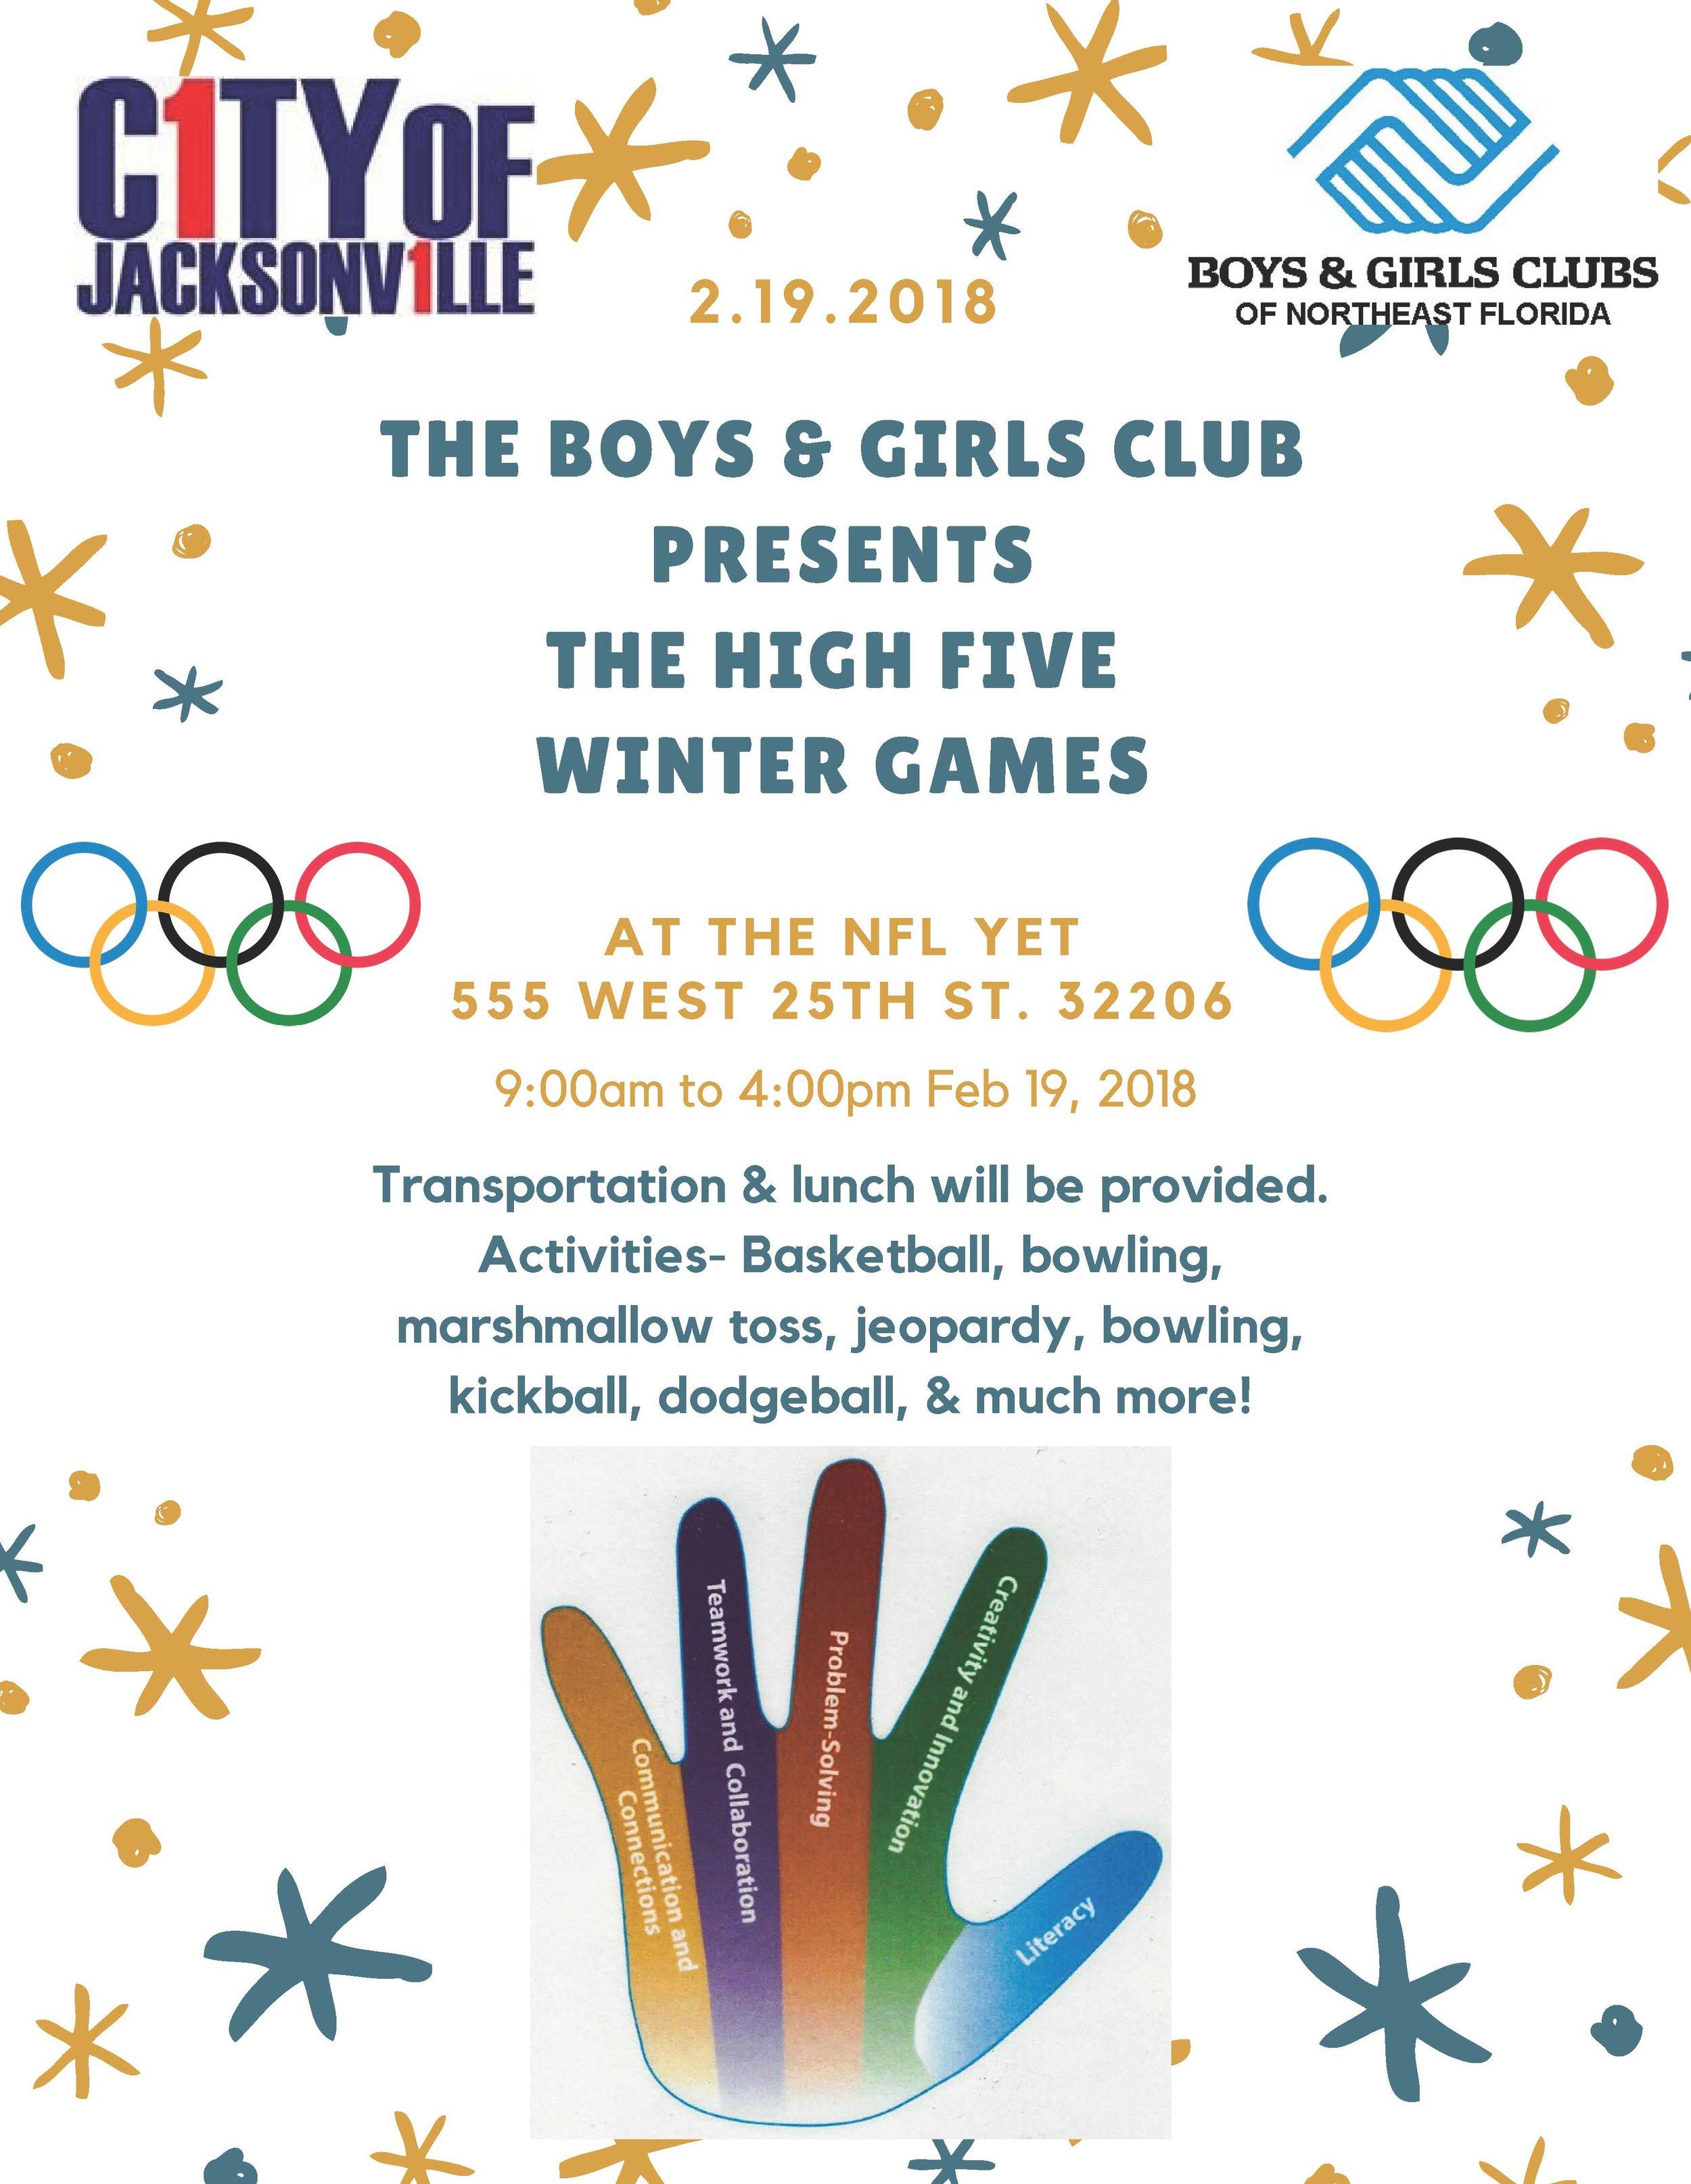 2.19.2018 High Five Winter Games flyer 4.jpg